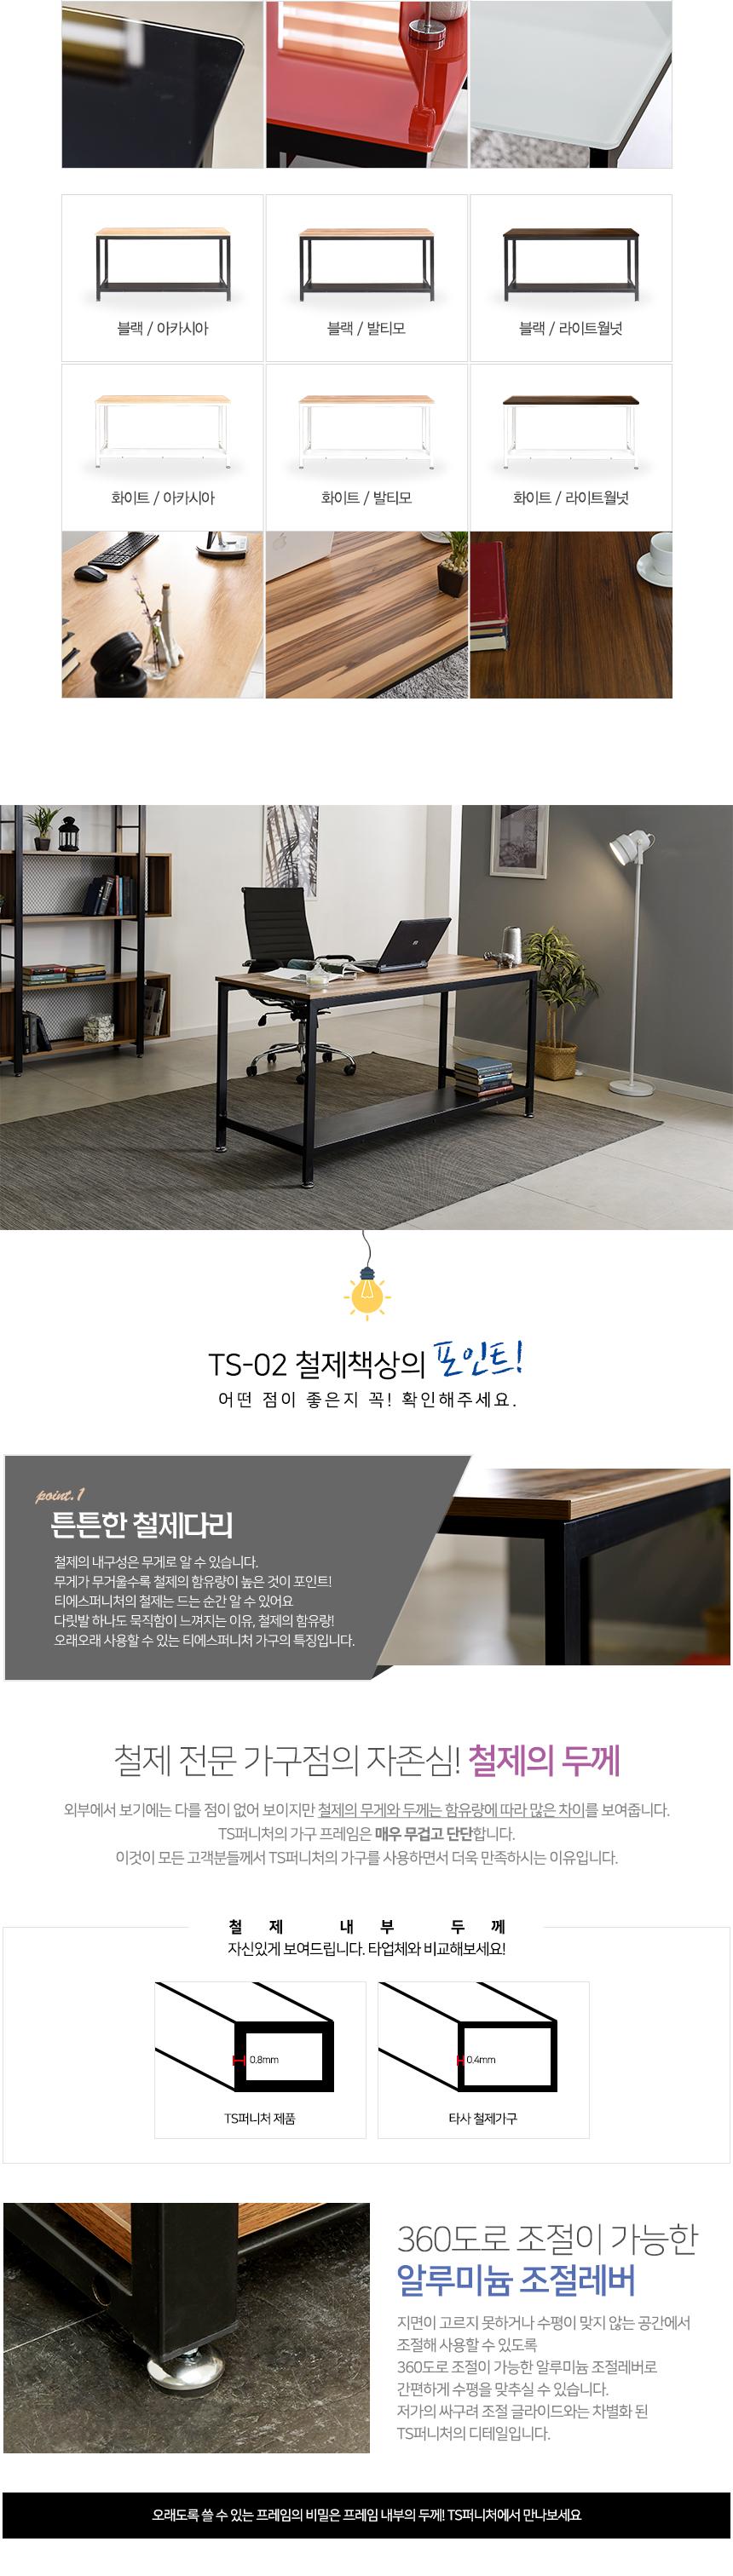 TS-02 강화유리 책상 1200x600 철제 컴퓨터 사무용 게이밍 책상 - 티에스퍼니처, 156,600원, 책상/의자, 일반 책상